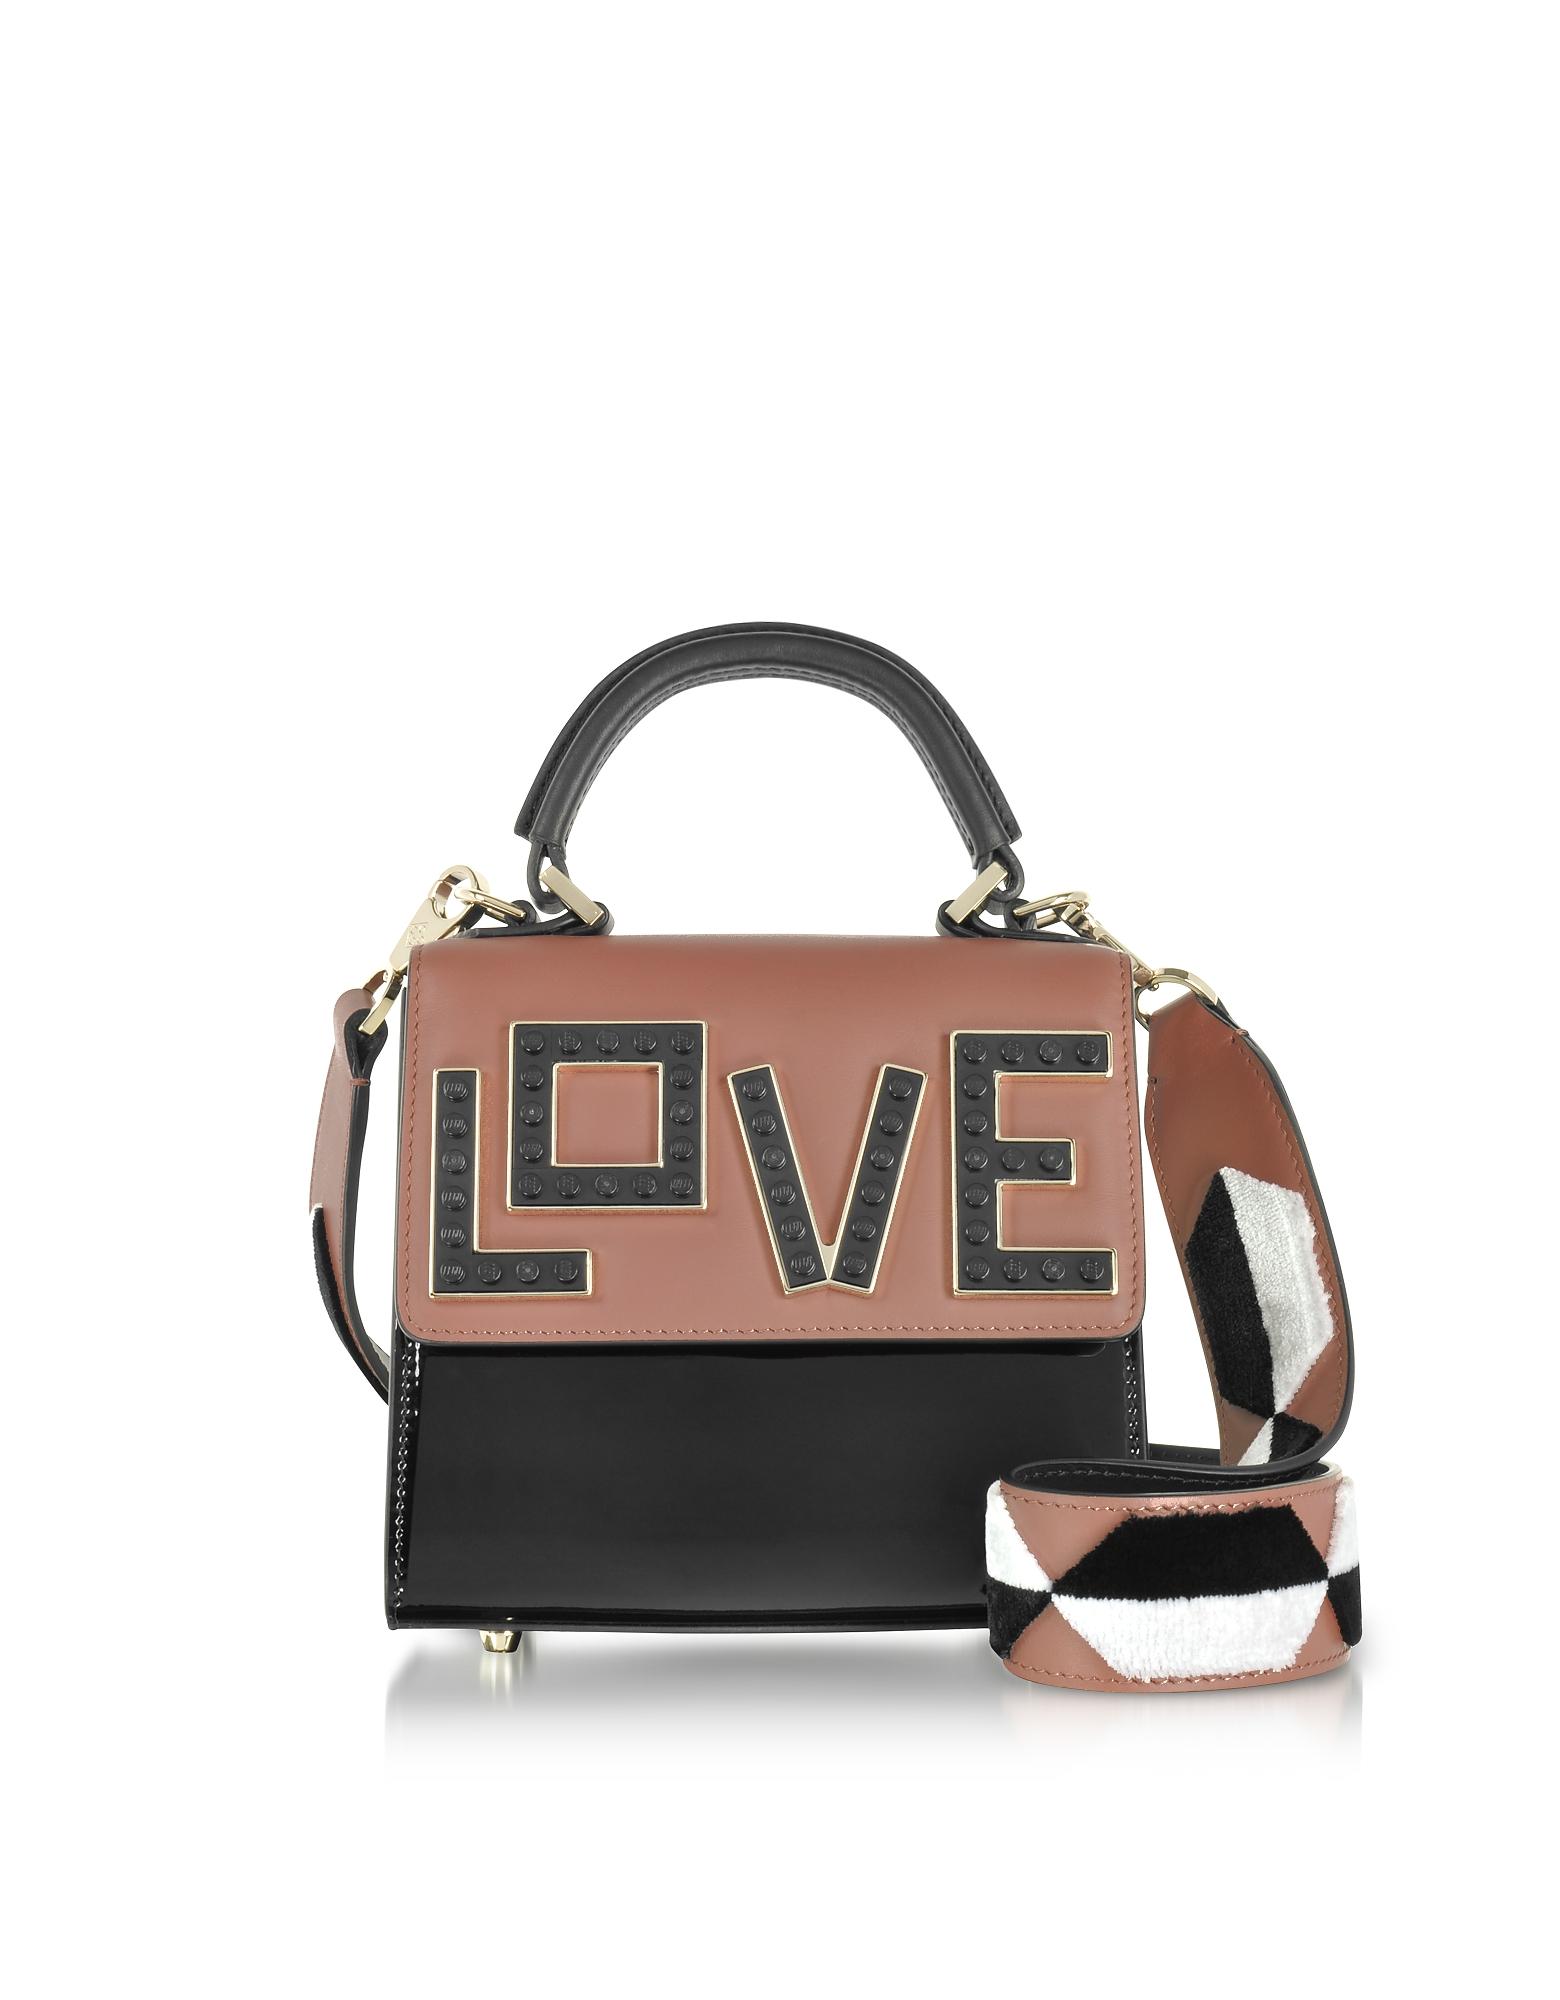 Les Petits Joueurs Handbags, Baby Alex Black Widow Patent Leather Satchel Bag